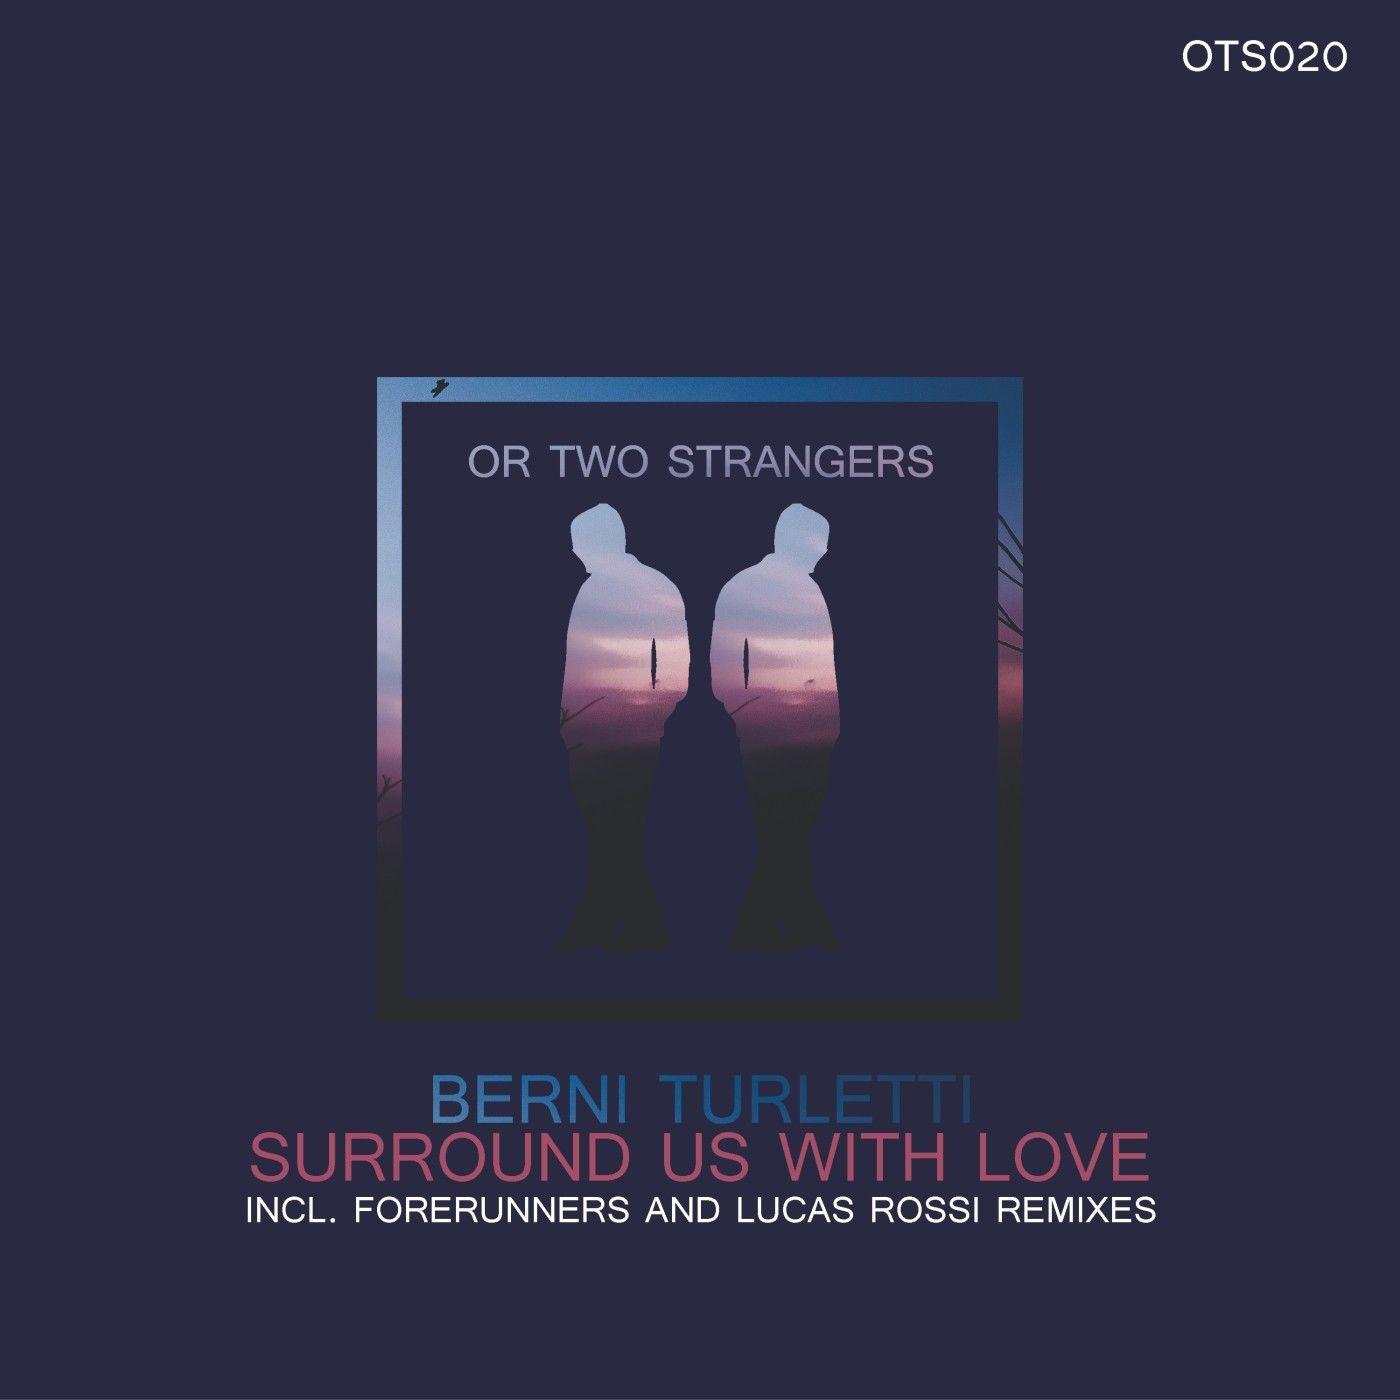 Berni Turletti - Surround Us With Love  (Lucas Rossi Remix)